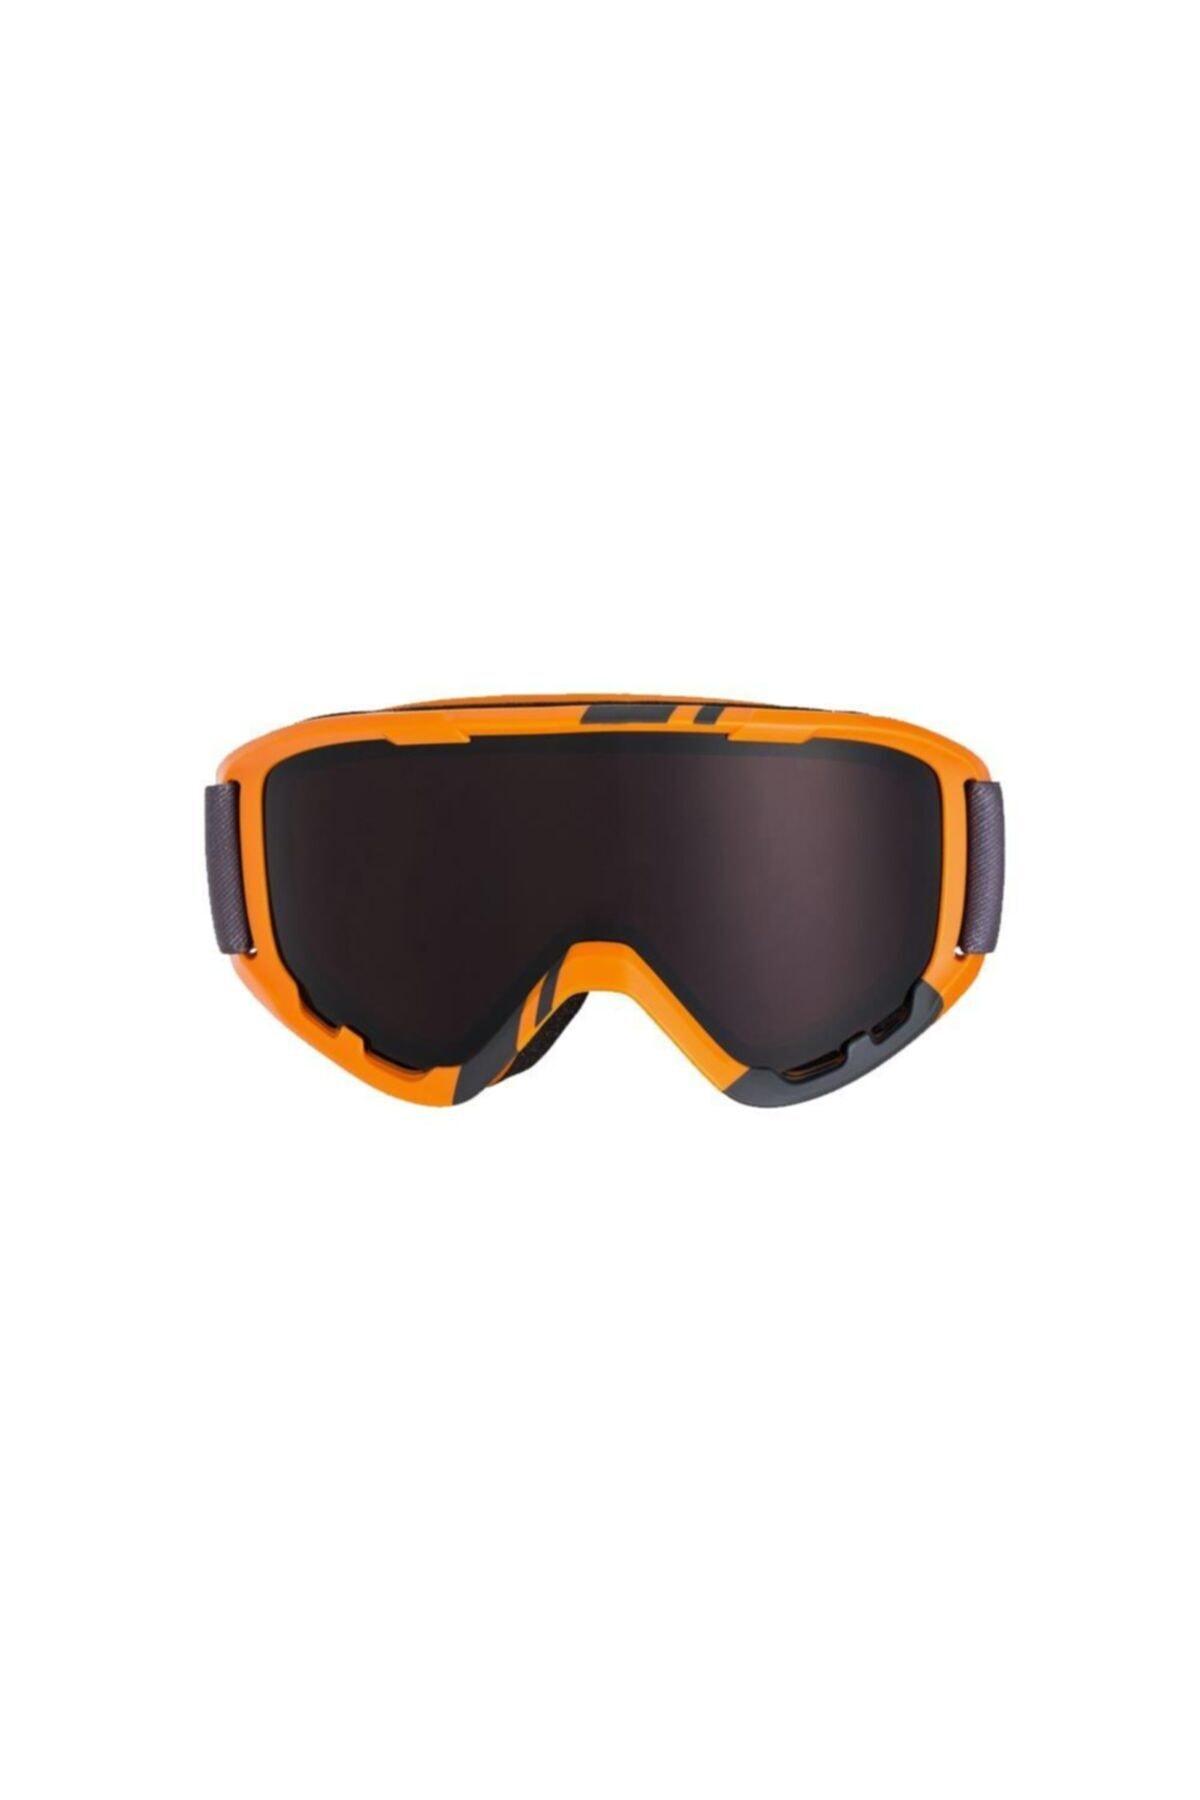 Quiksilver Sherpa Erkek Kayak Ve Snowboard Gözlük Eqytg03101nkp0 2